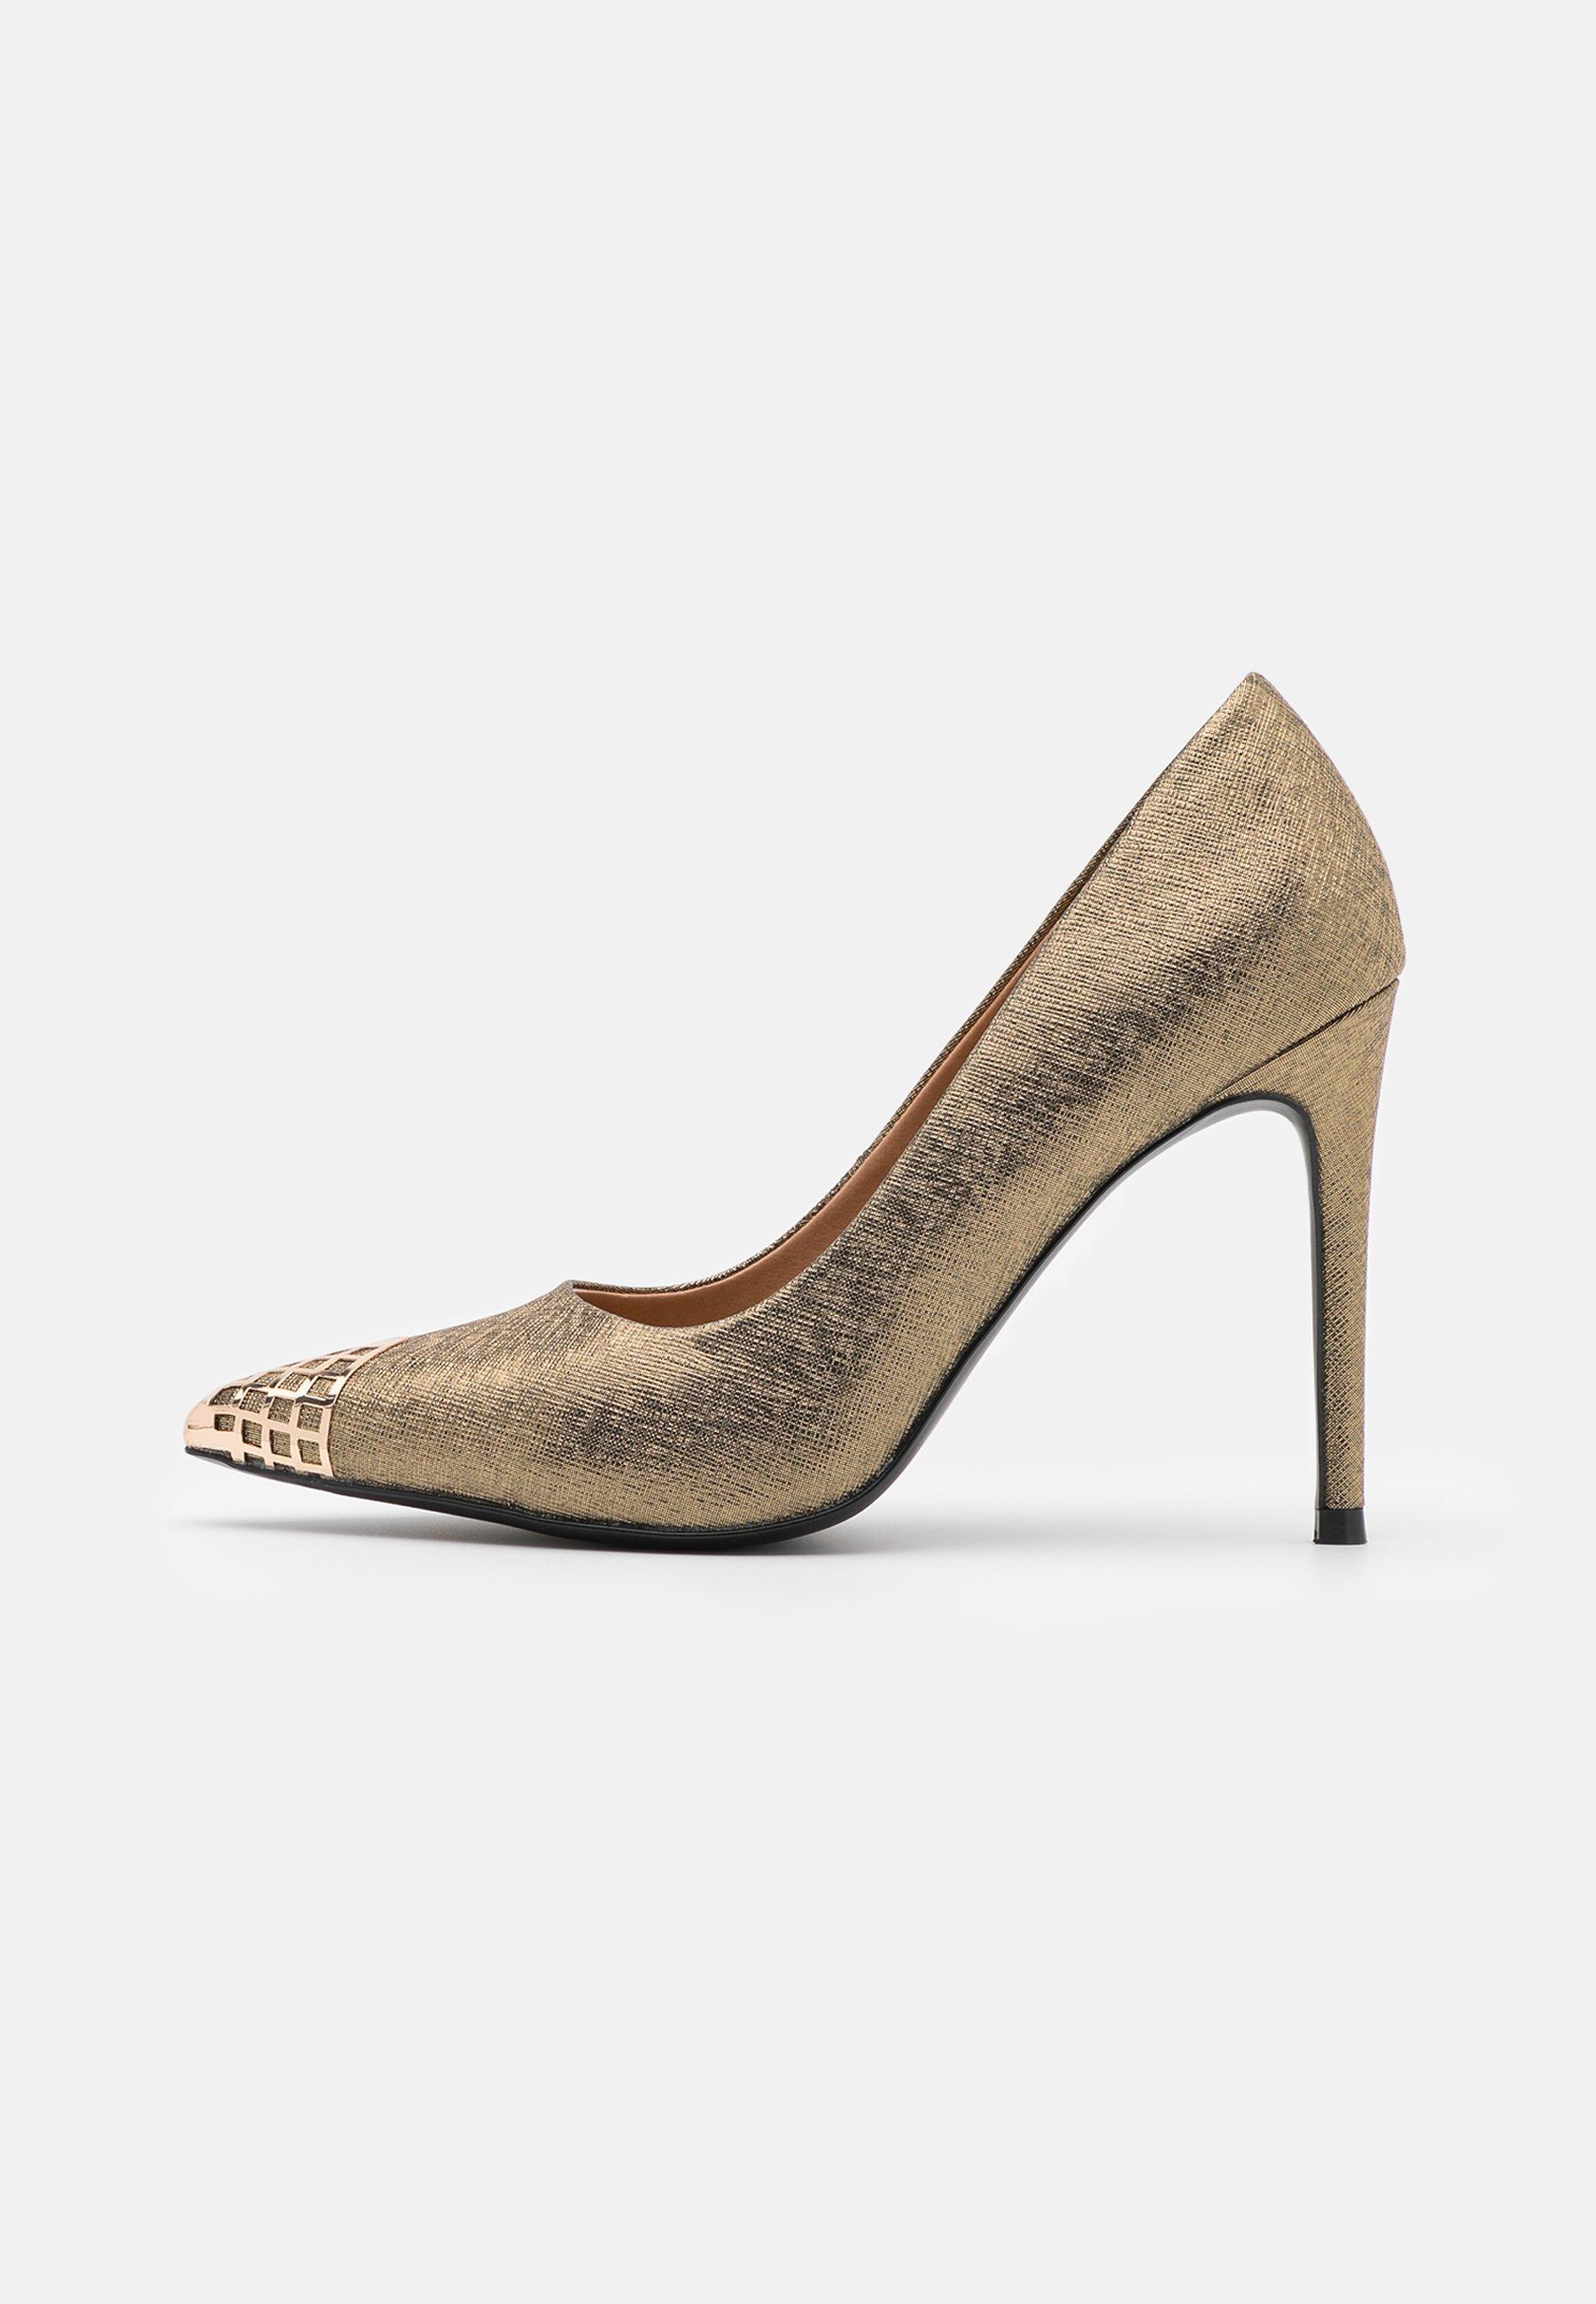 Wallis Pretty - High Heel Pumps Gold/bronze/gold